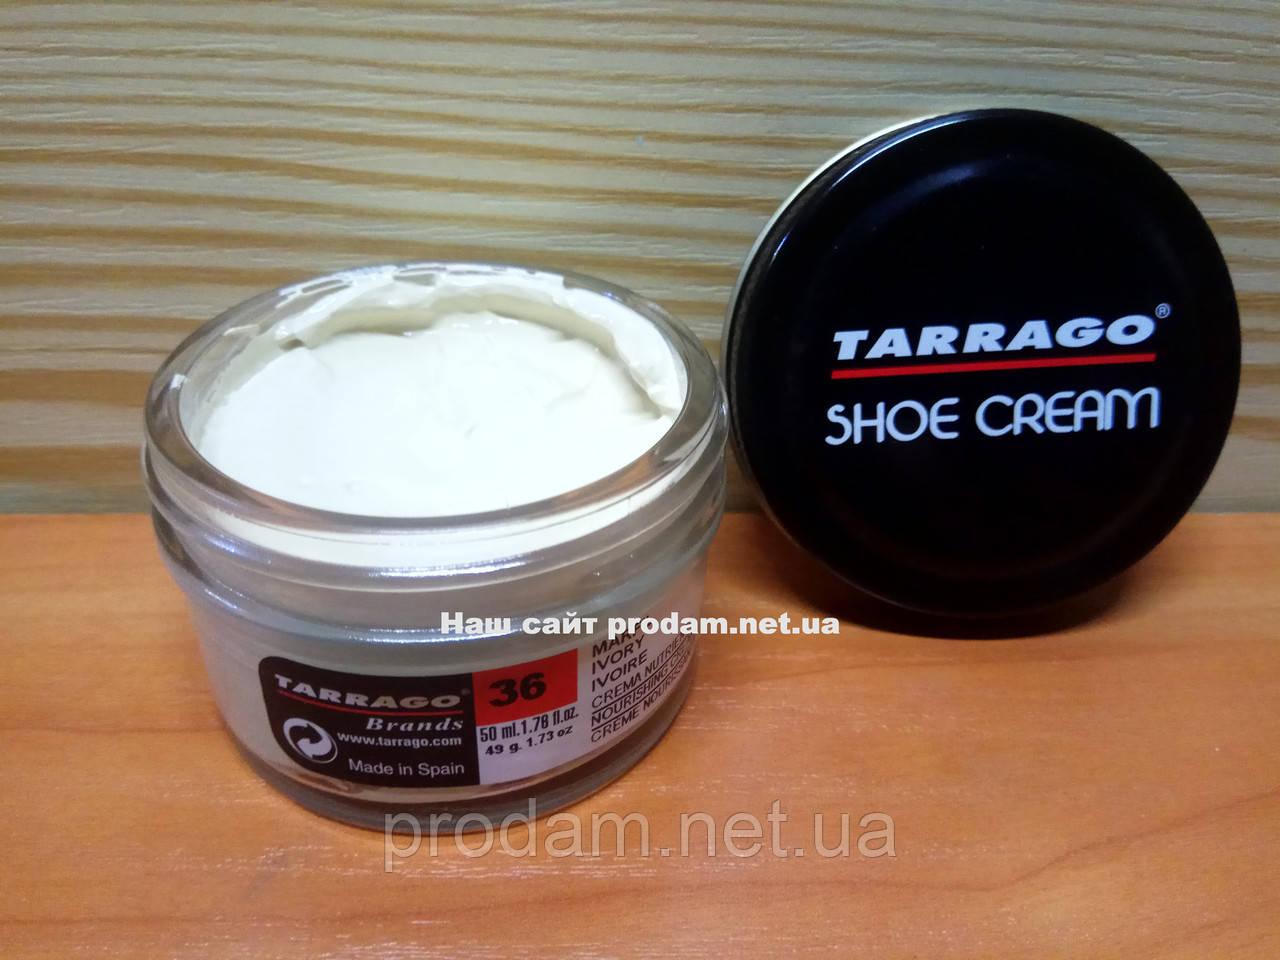 Крем для обуви Tarrago № 036-ivory